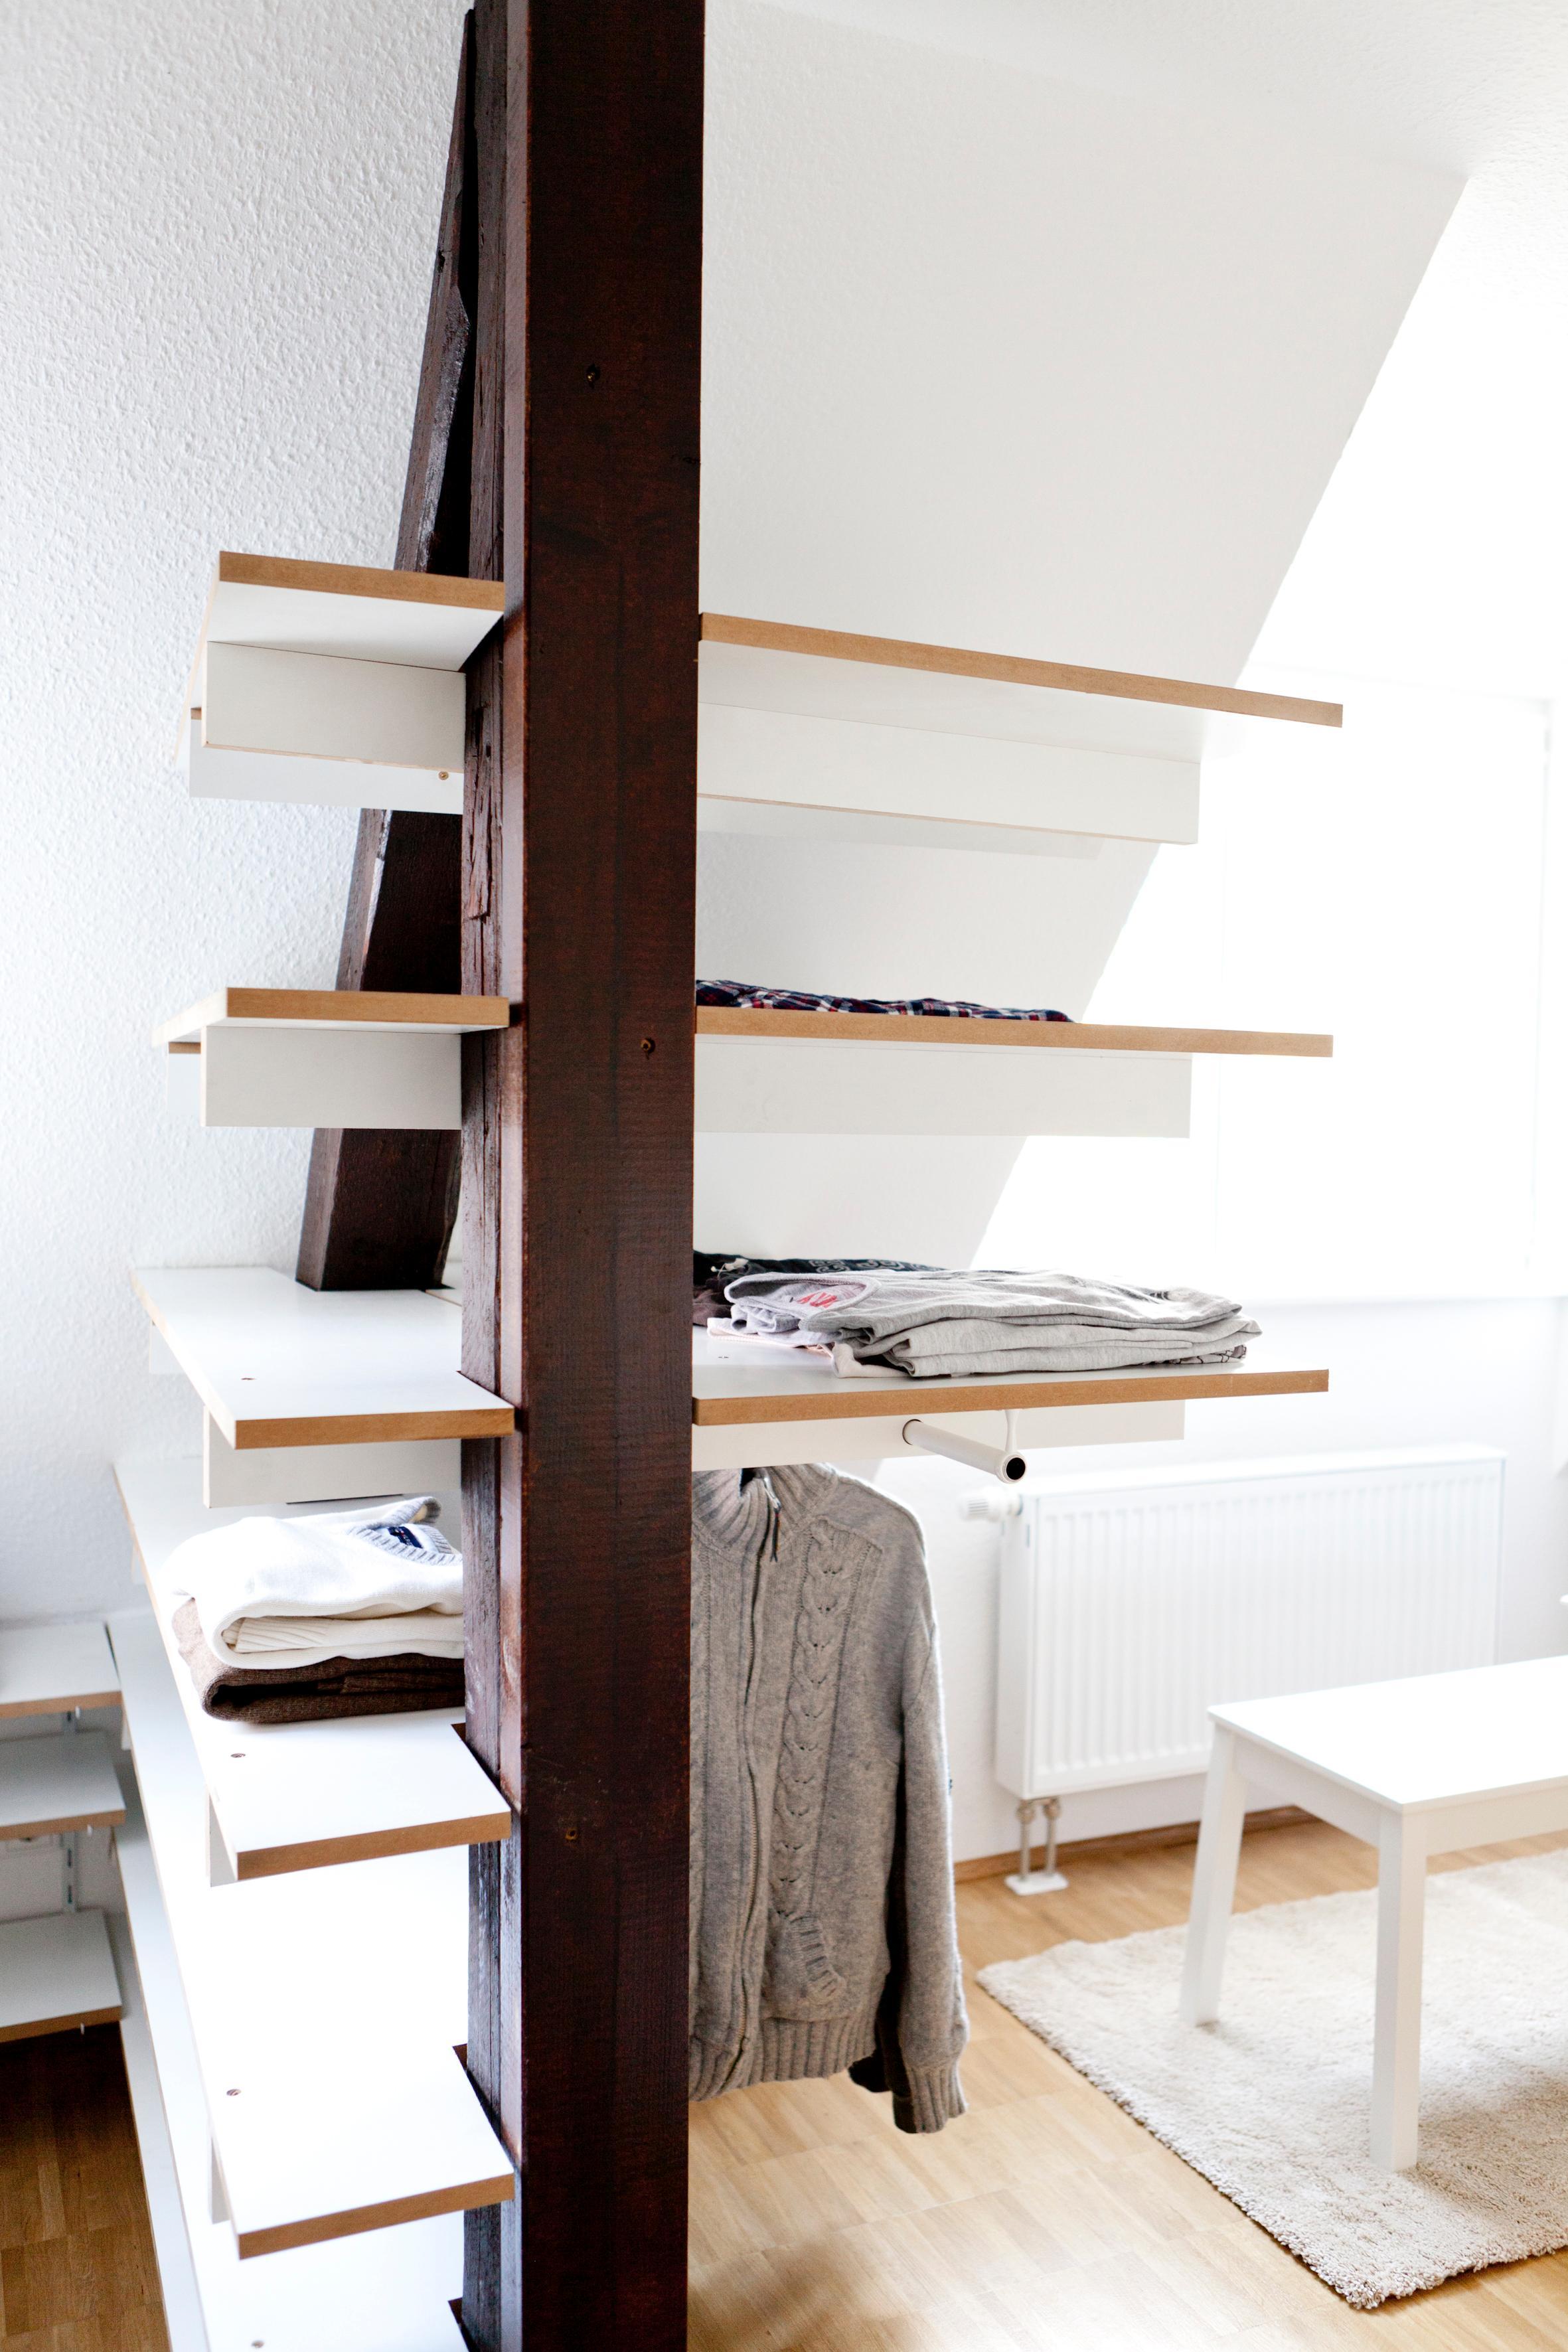 Offener Kleiderschrank • Bilder & Ideen • COUCHstyle